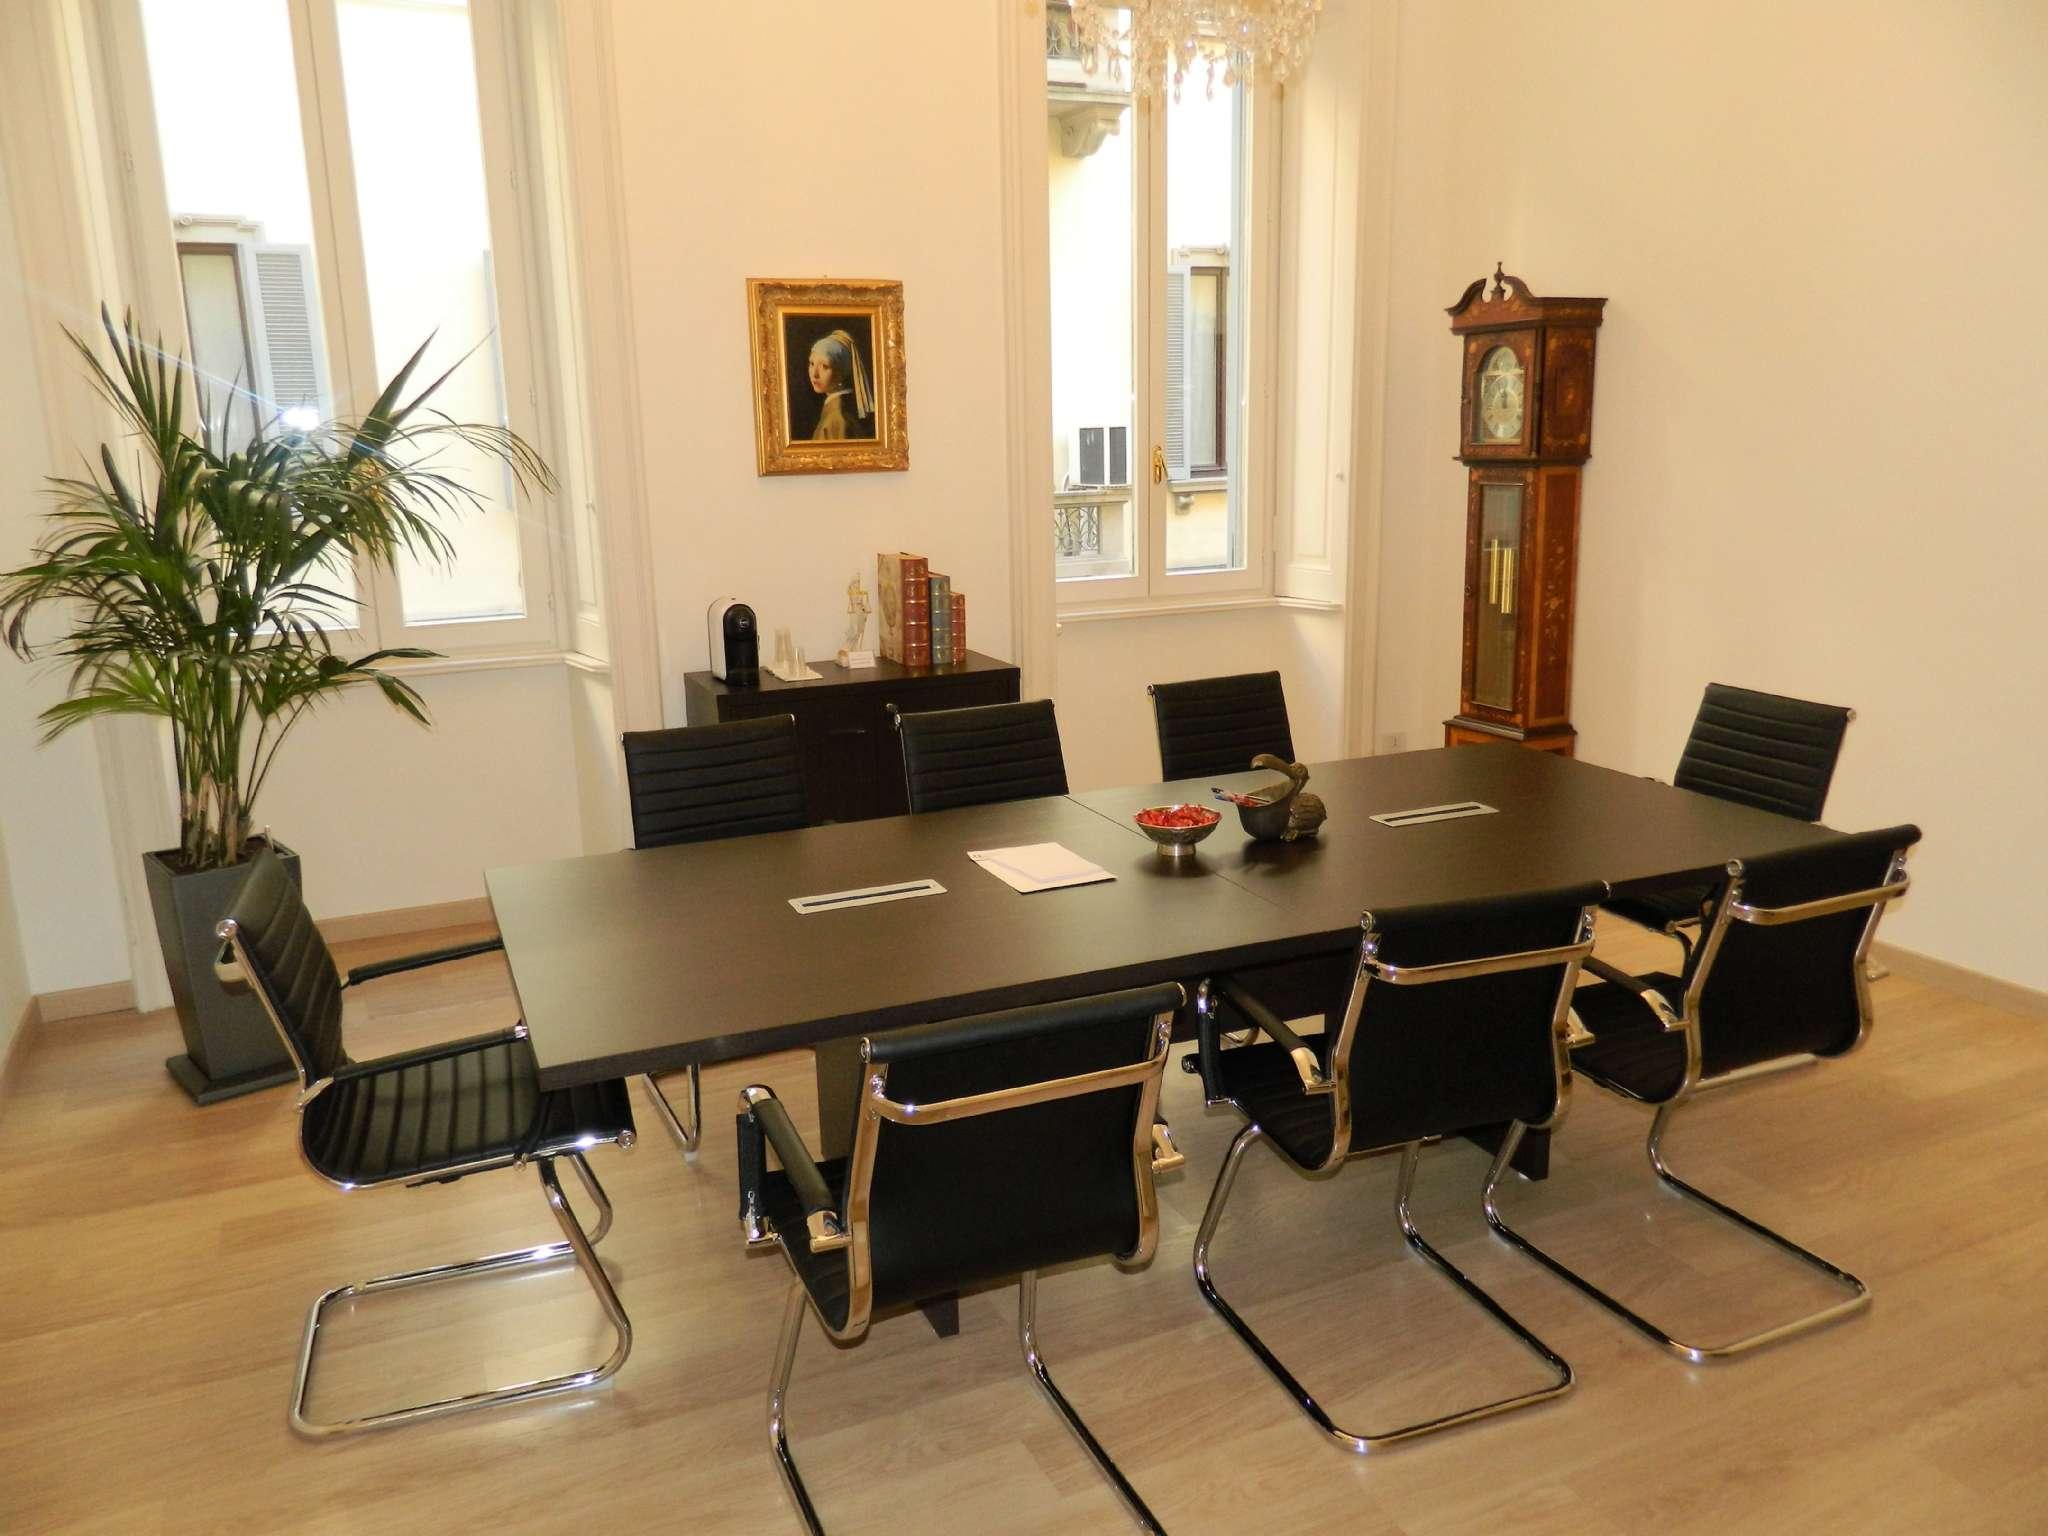 Ufficio-studio in affitto a Milano - TrovoCasa.it - W6662160